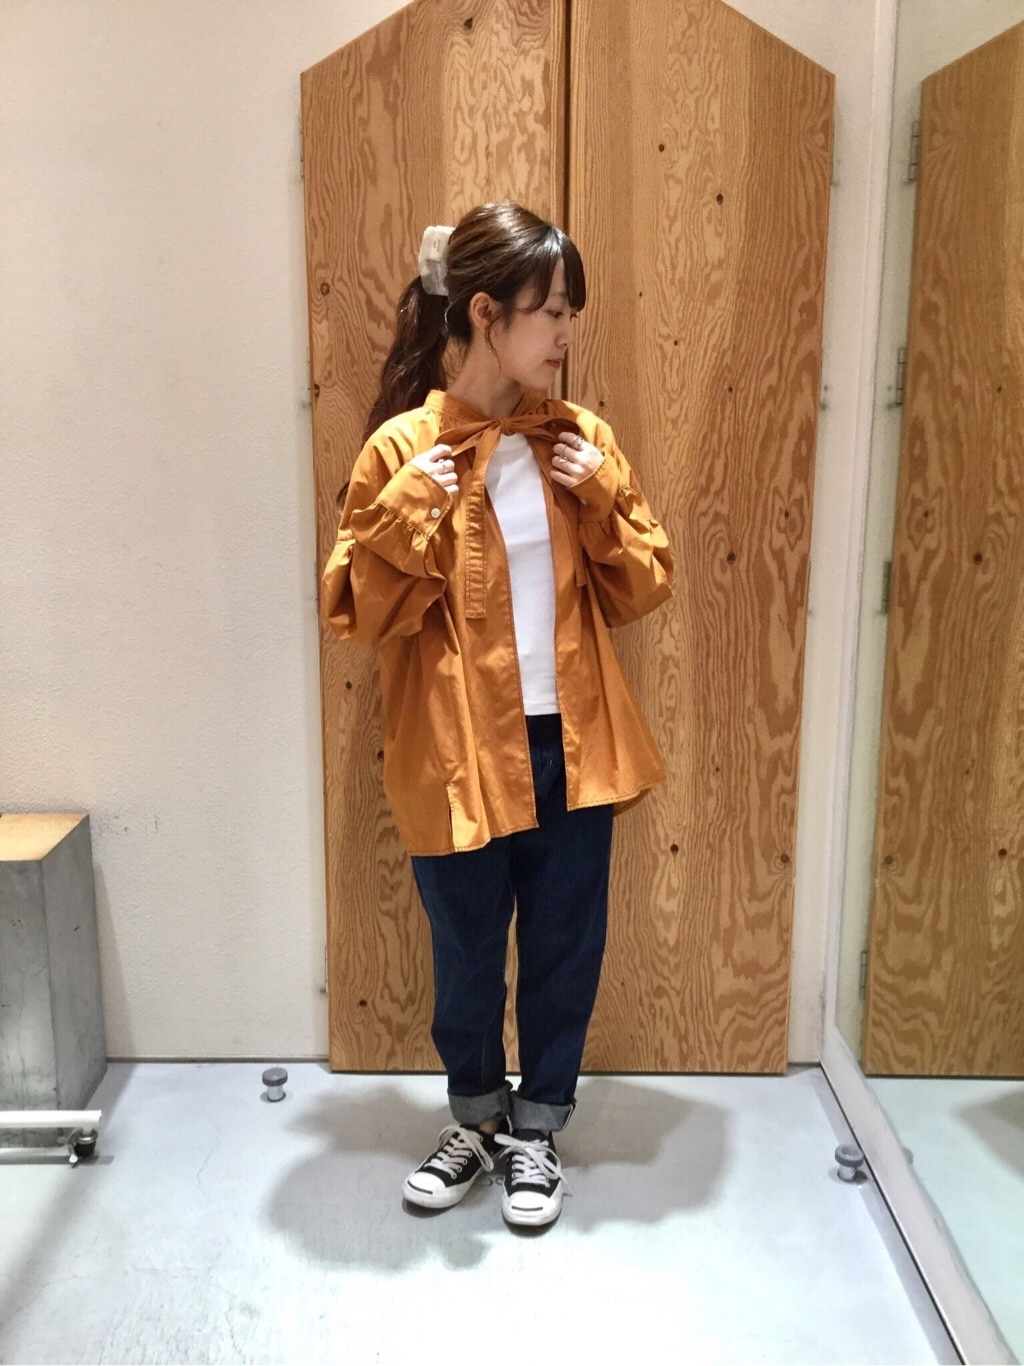 l'atelier du savon グランフロント大阪 身長:152cm 2019.07.16